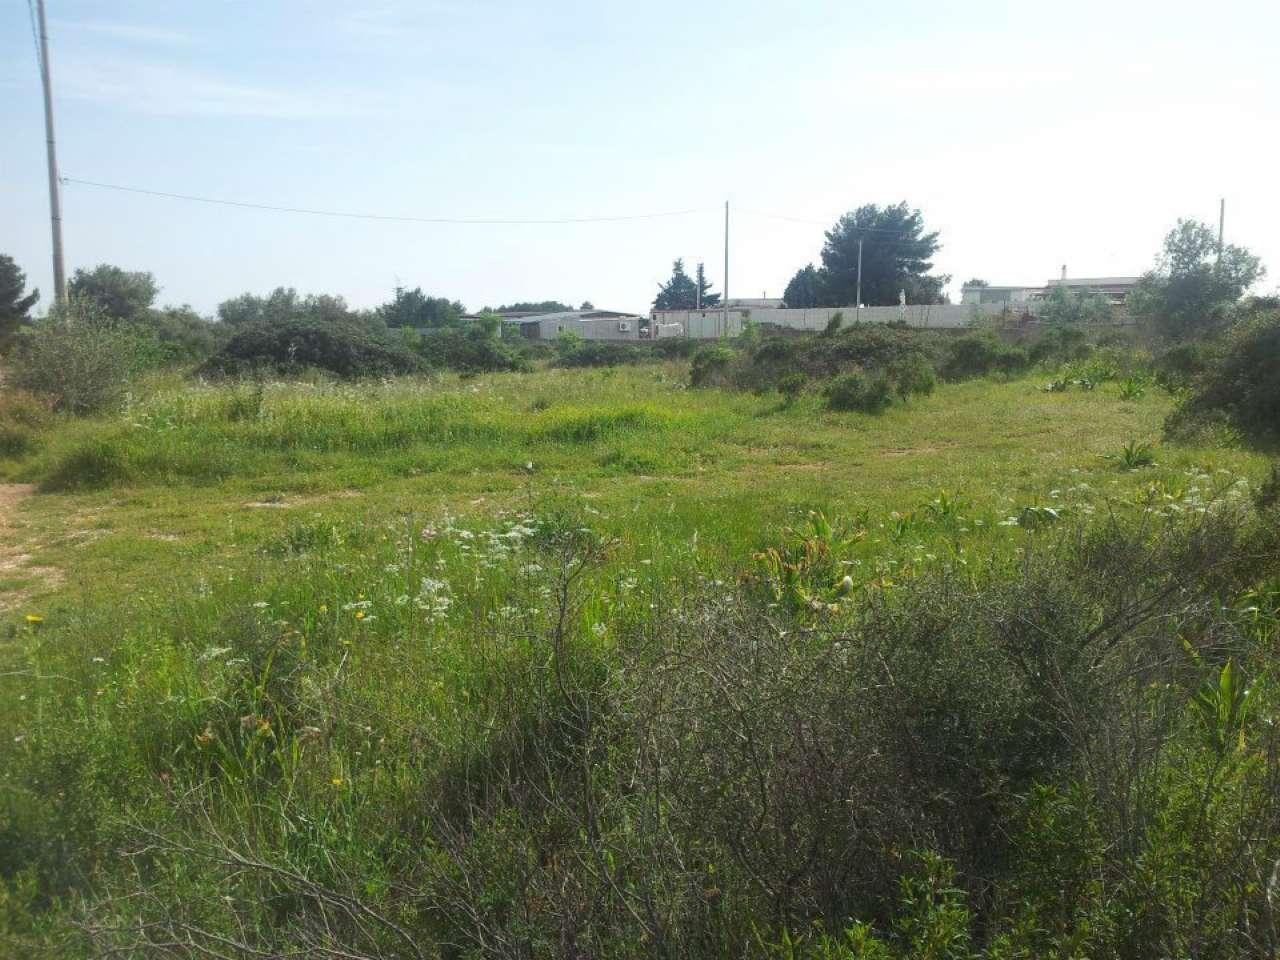 Terreno Agricolo in vendita a Massafra, 9999 locali, prezzo € 7.000 | CambioCasa.it